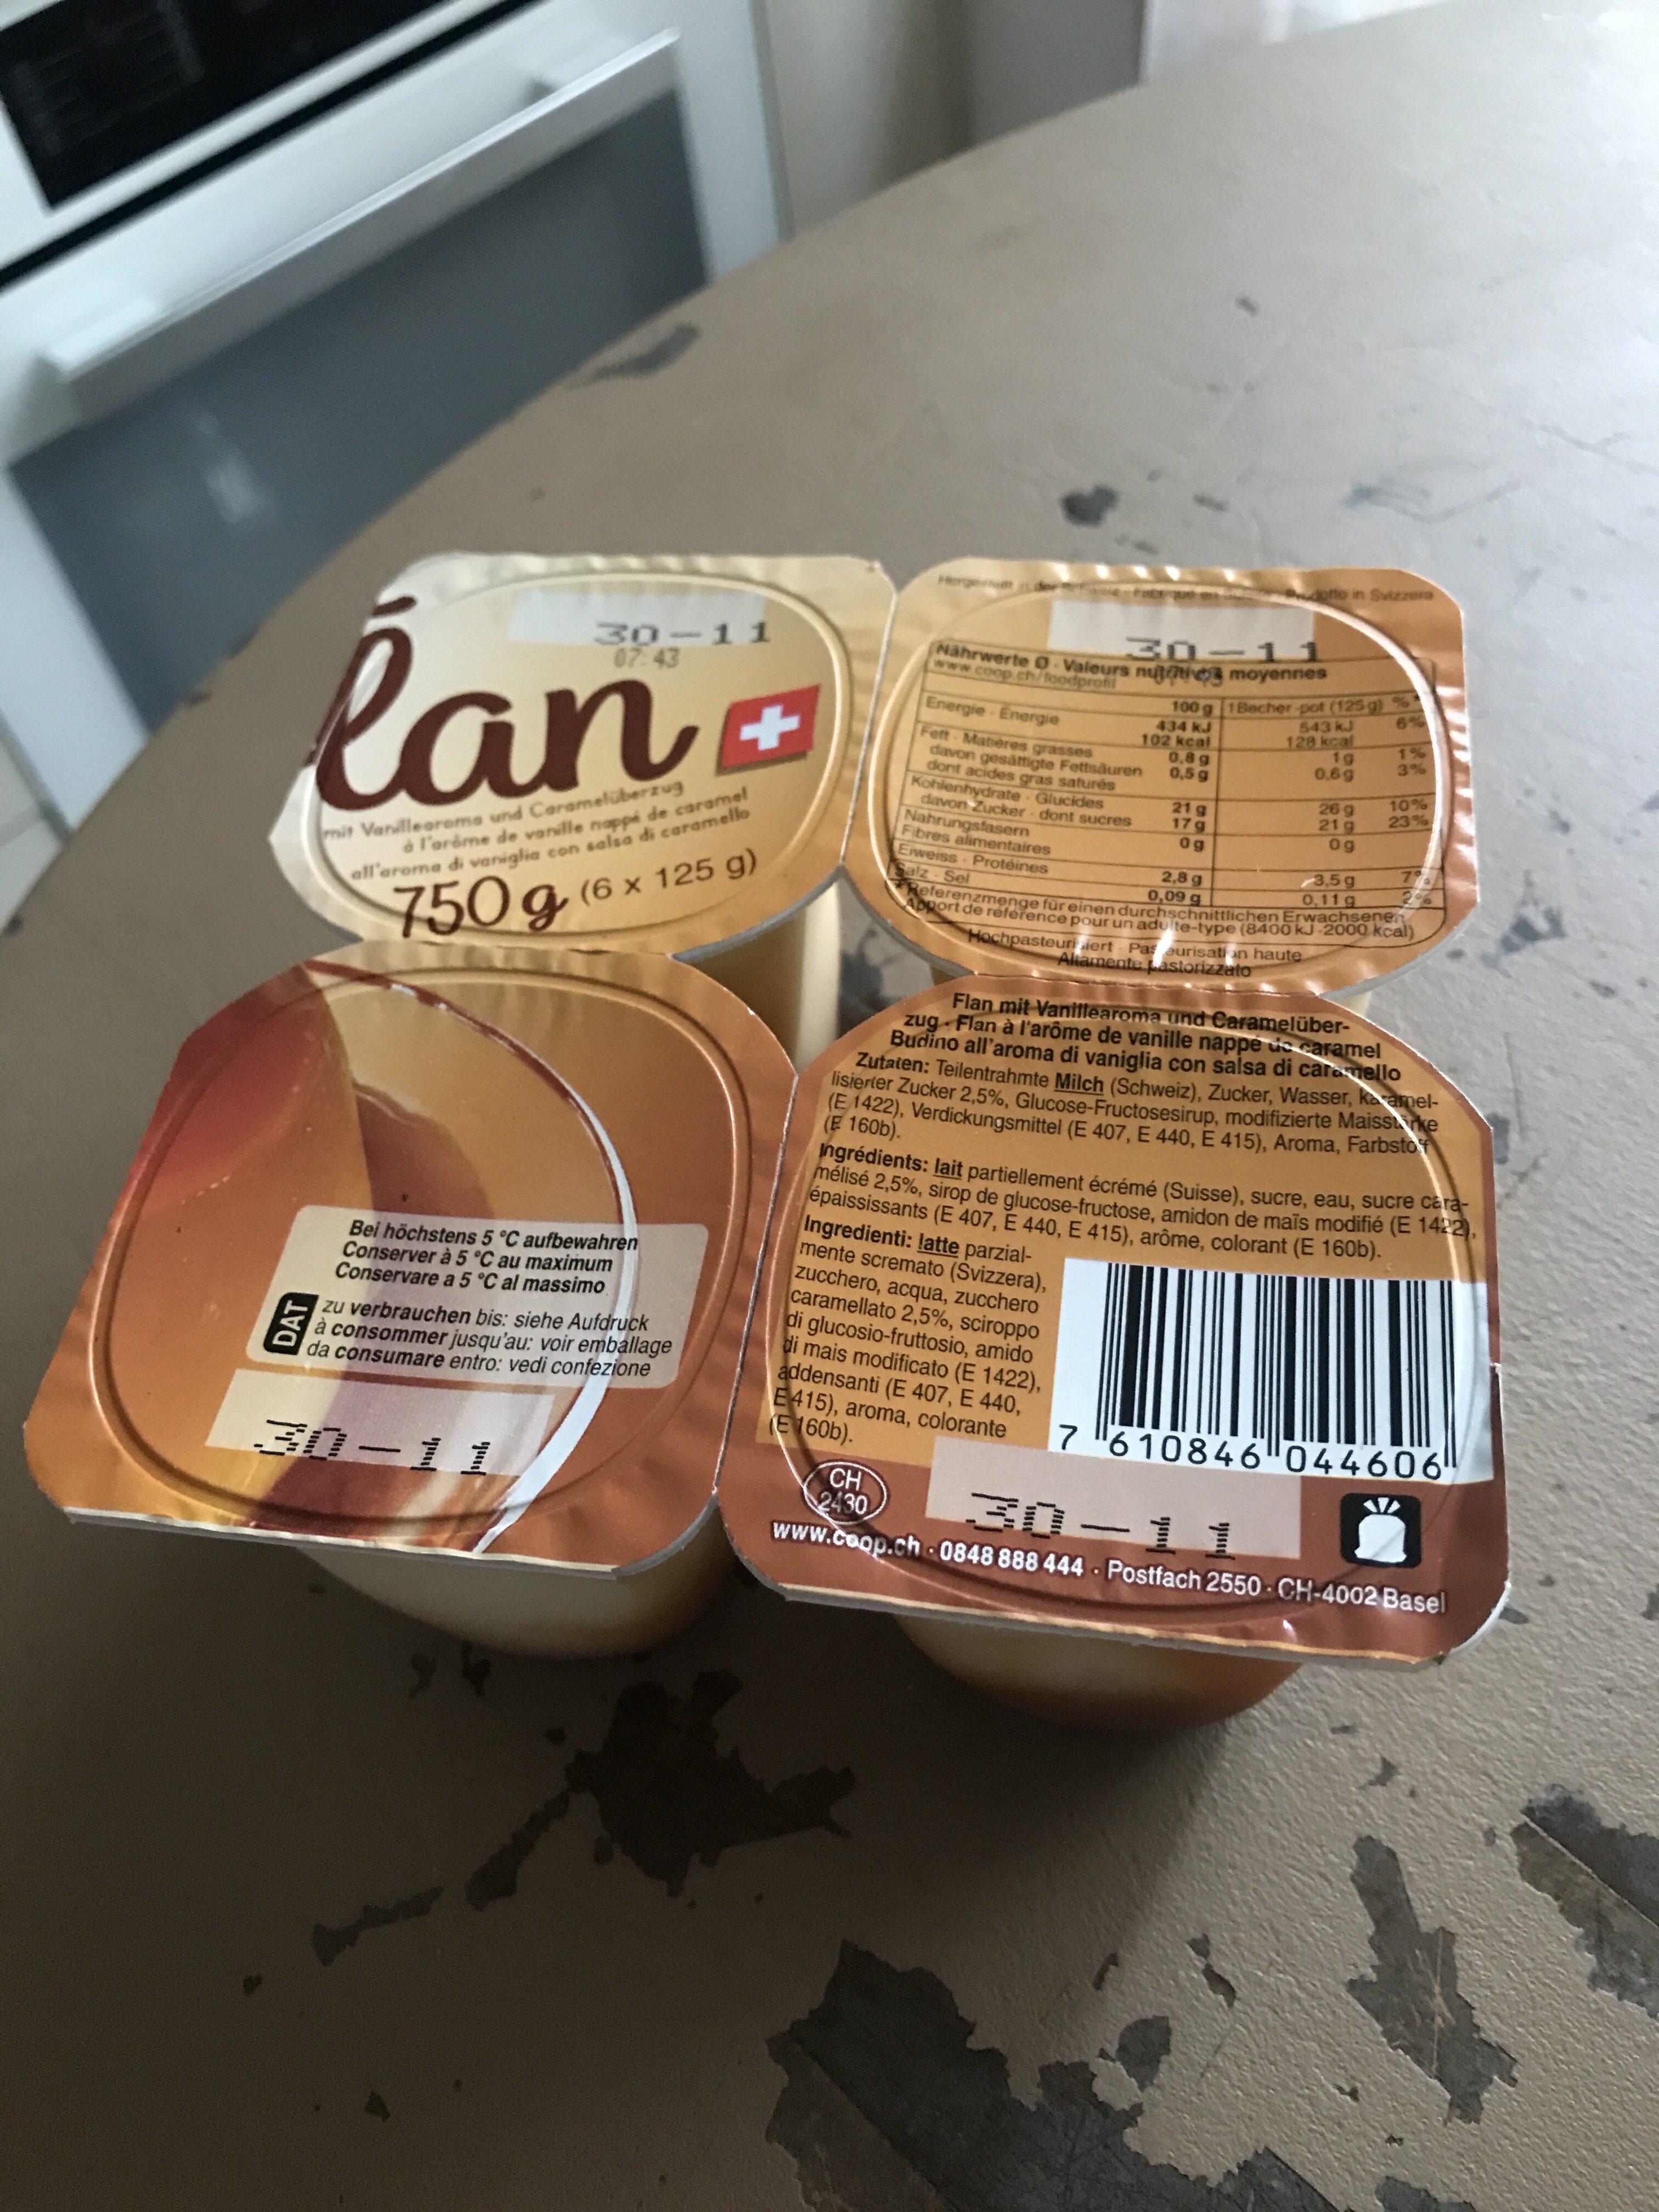 Flan à l'arôme de vanille nappé de caramel - Prodotto - fr